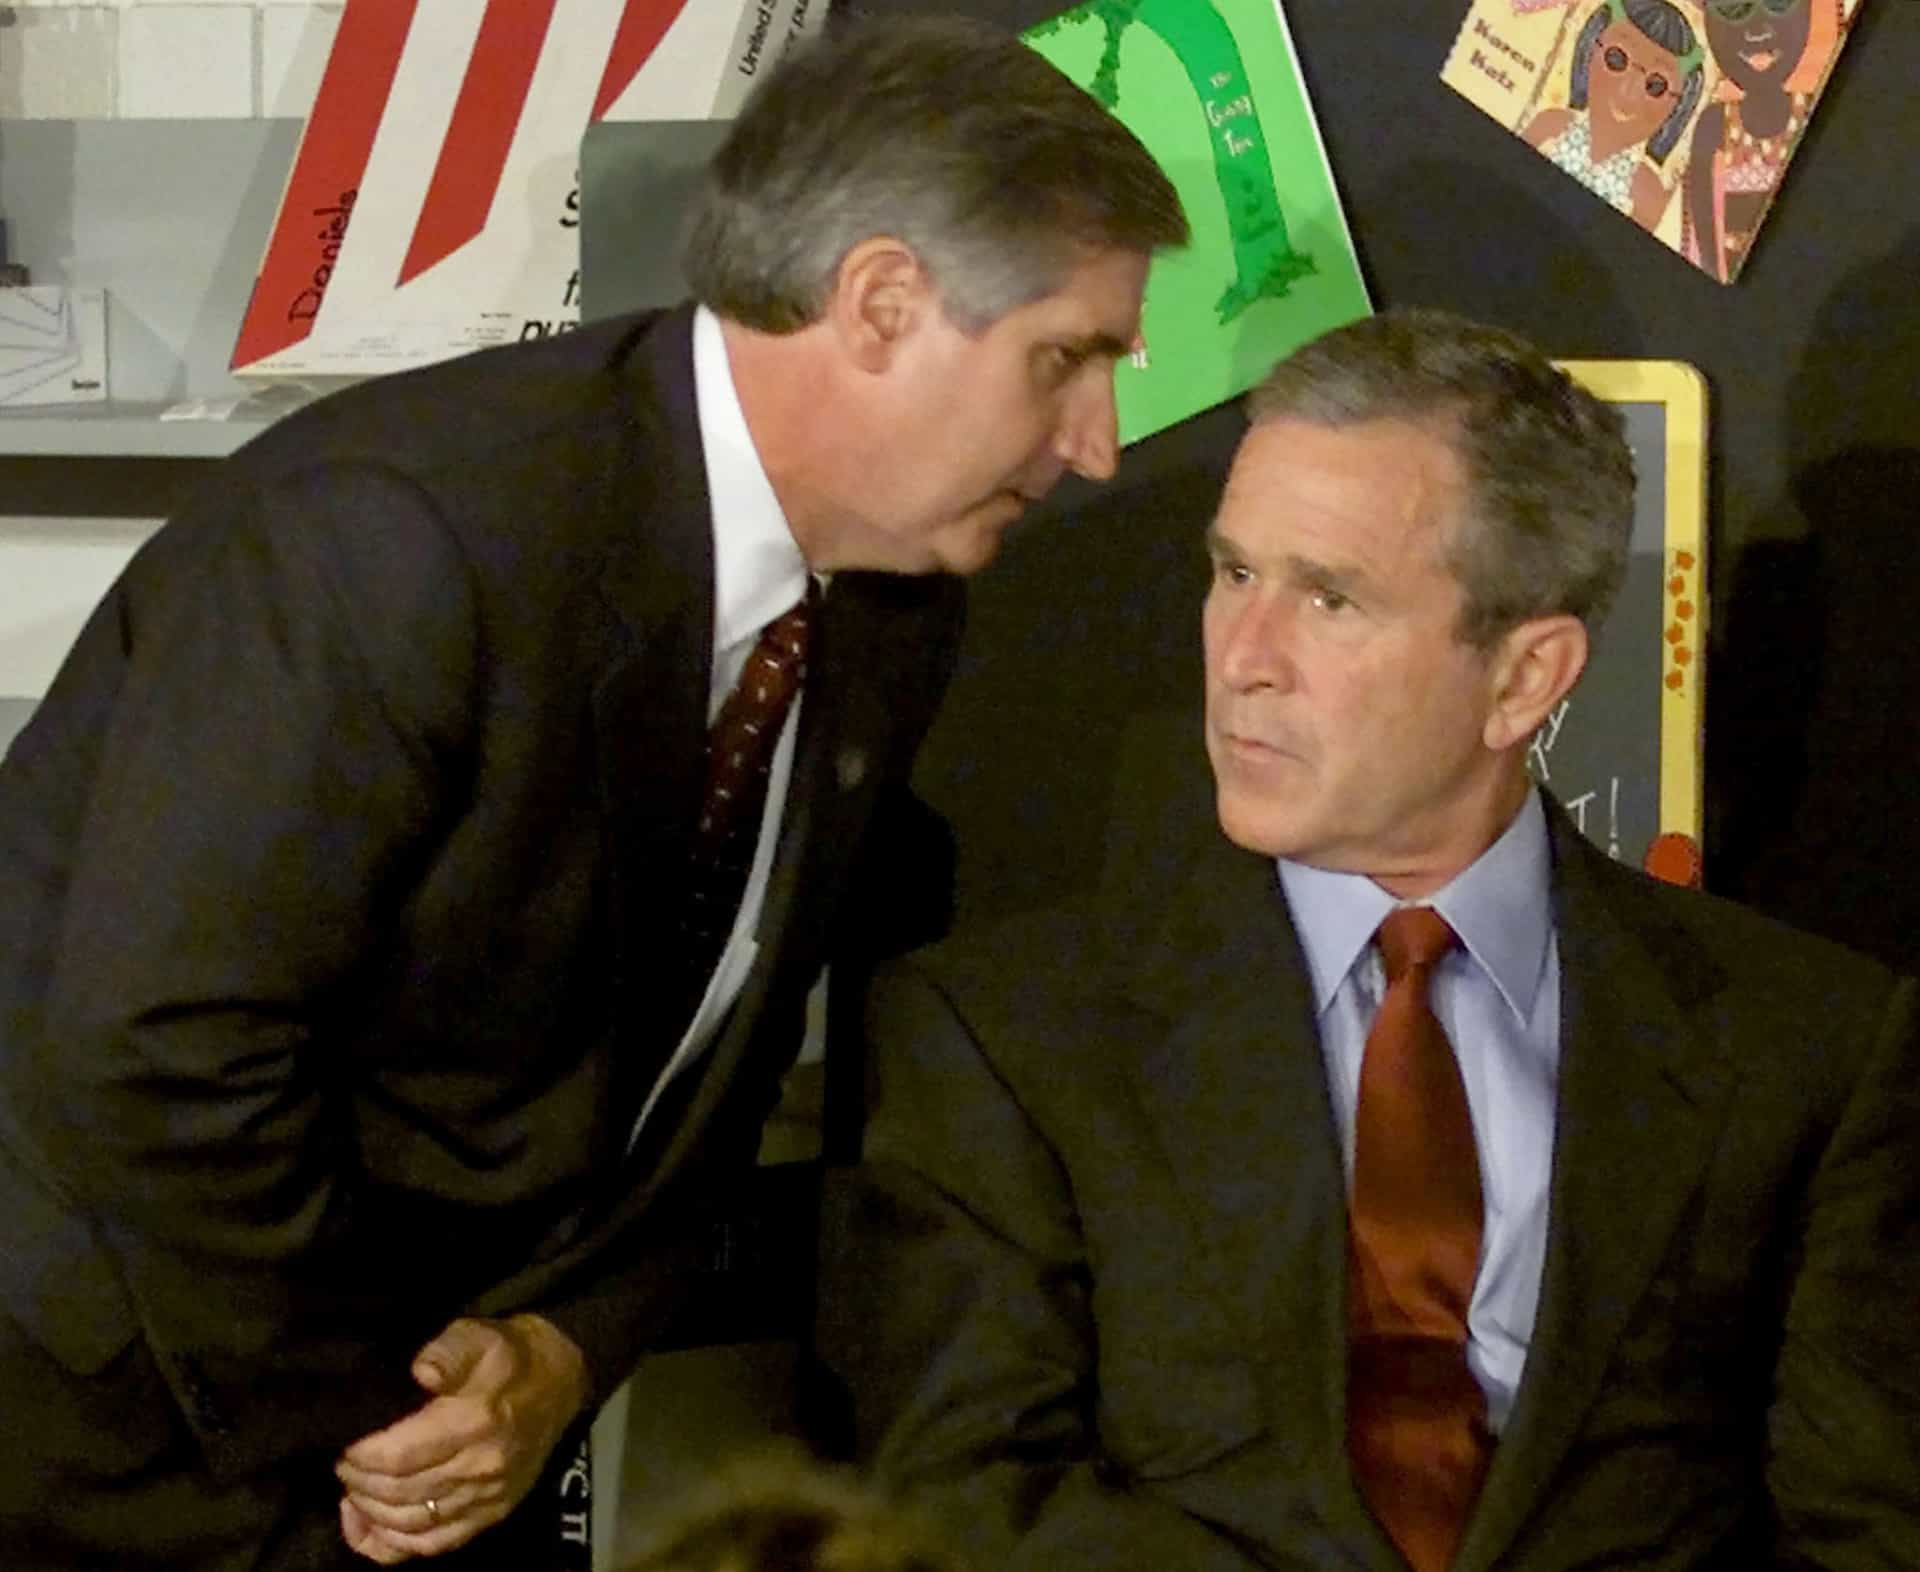 11 de Setembro: Factos impressionantes e imagens que não se esquecem